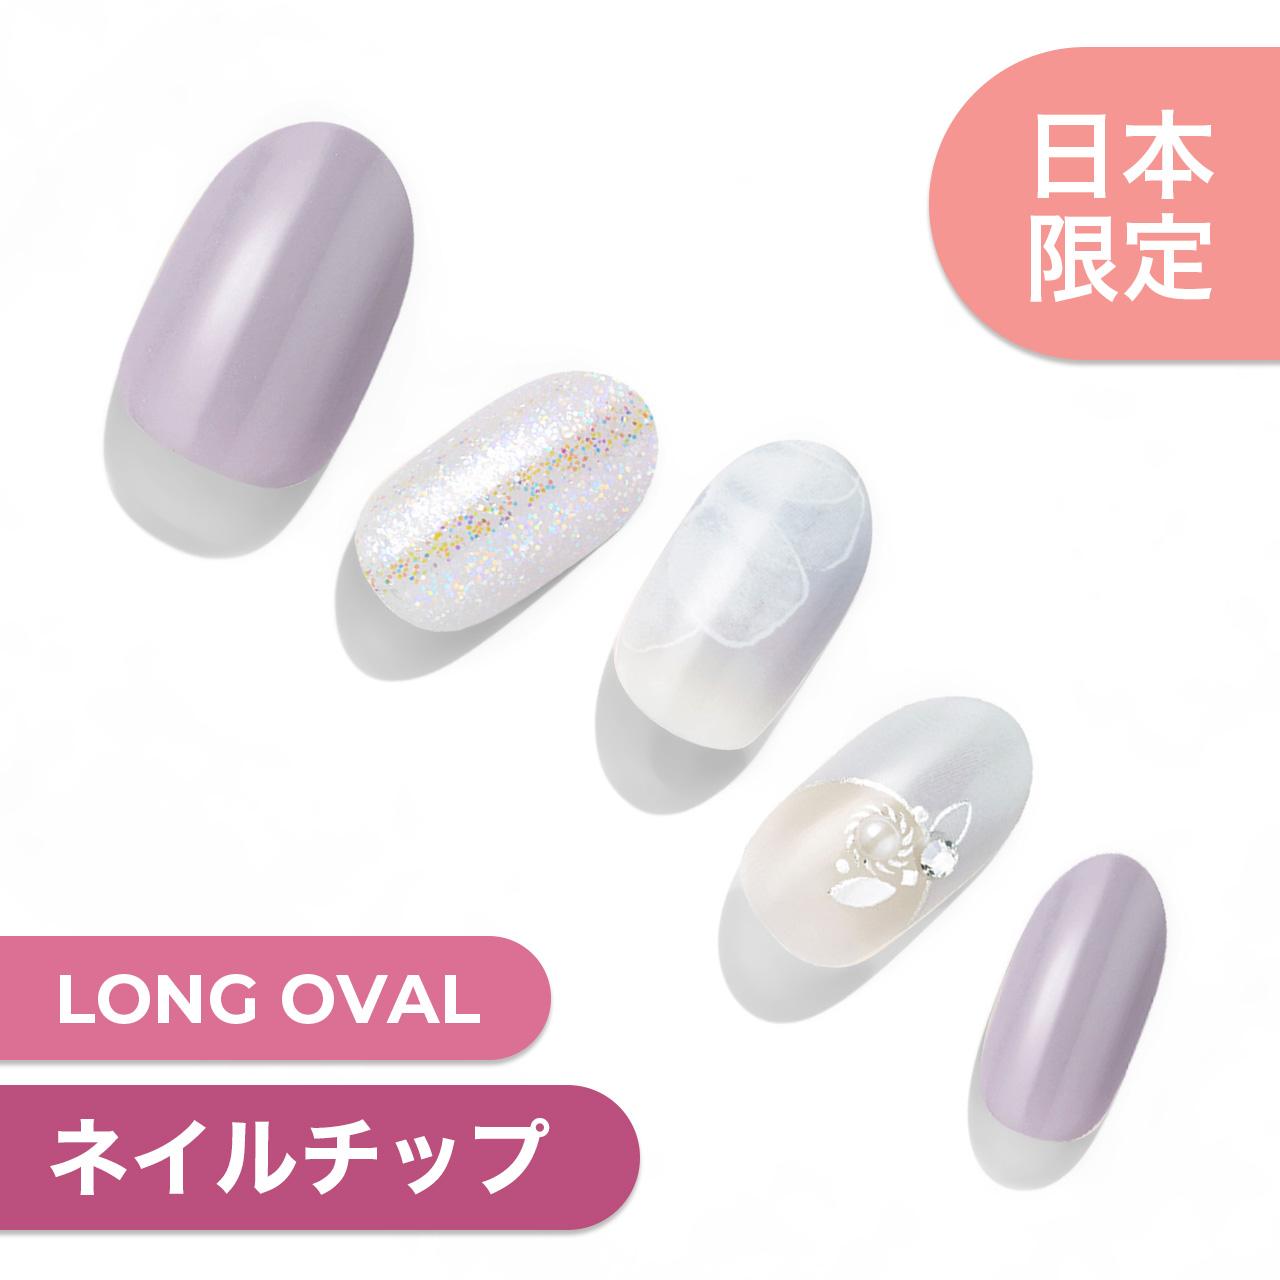 【Lilac Bouquet】ダッシングディバマジックプレス【5個セット】